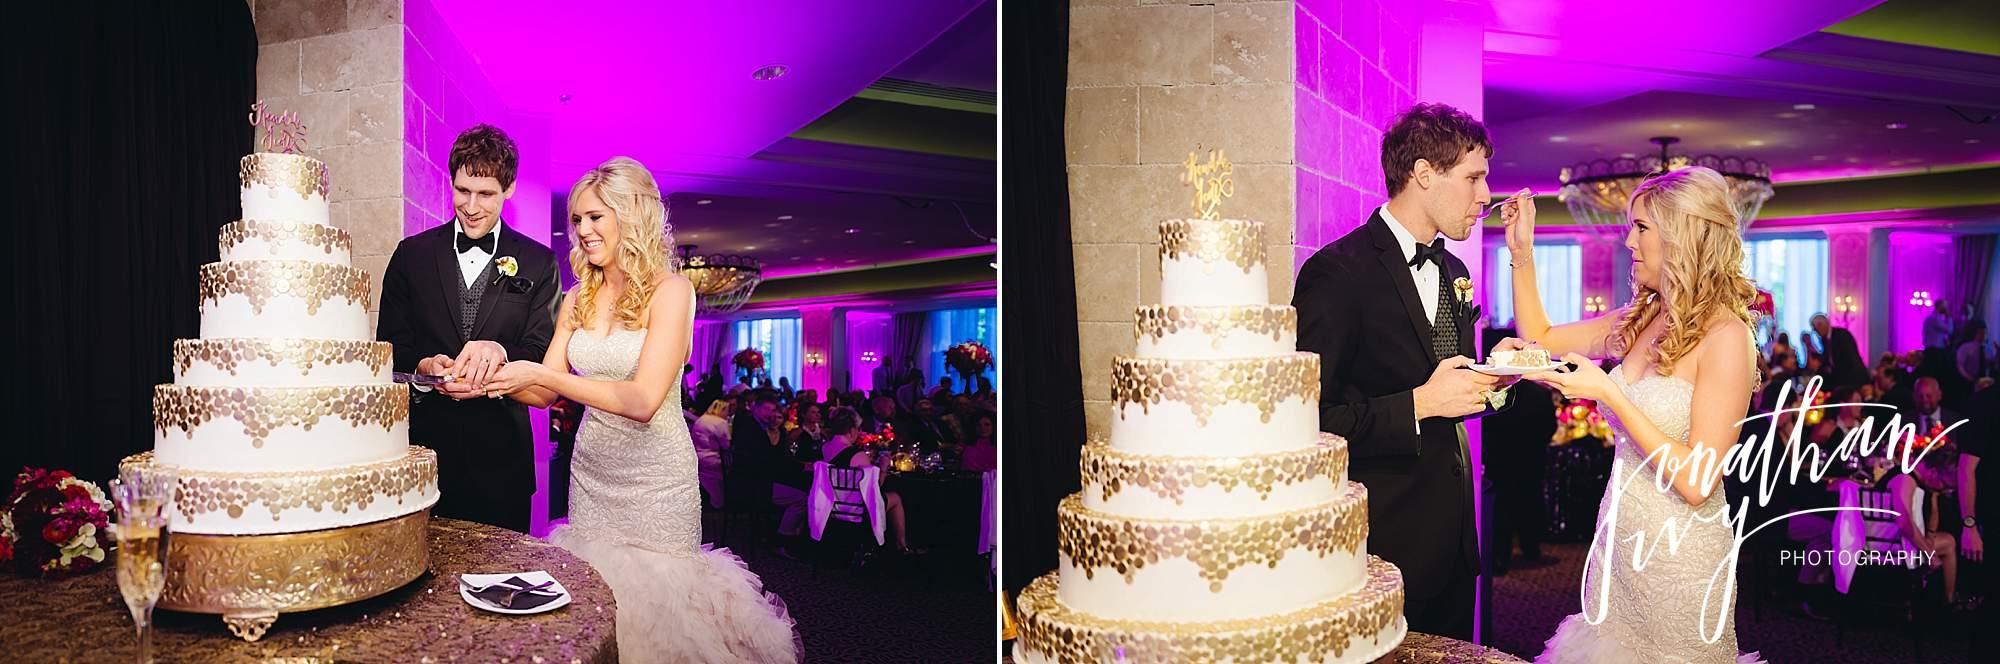 Hotel-Zaza-Houston-Wedding-Reception-0046.jpg